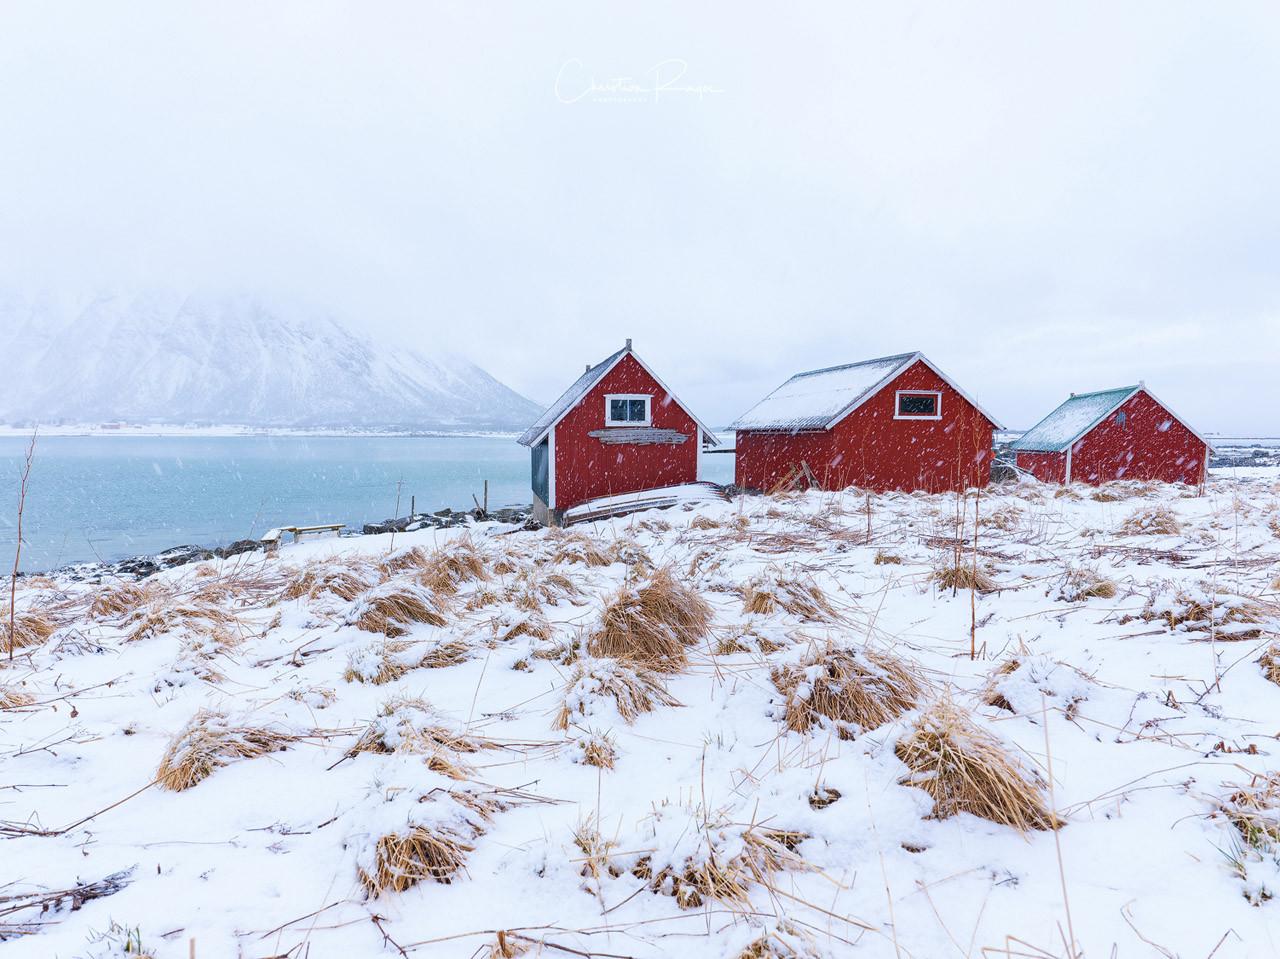 Lofoten-Snowfall-Christian-Ringer.jpg